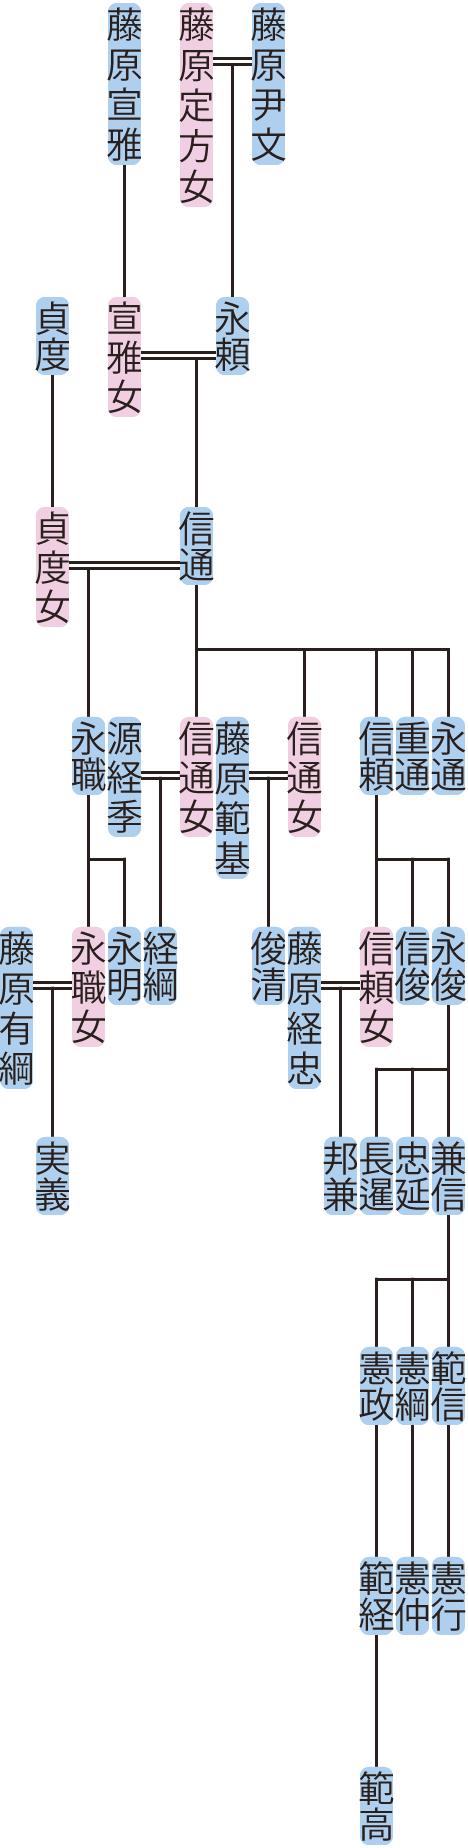 藤原信通の系図